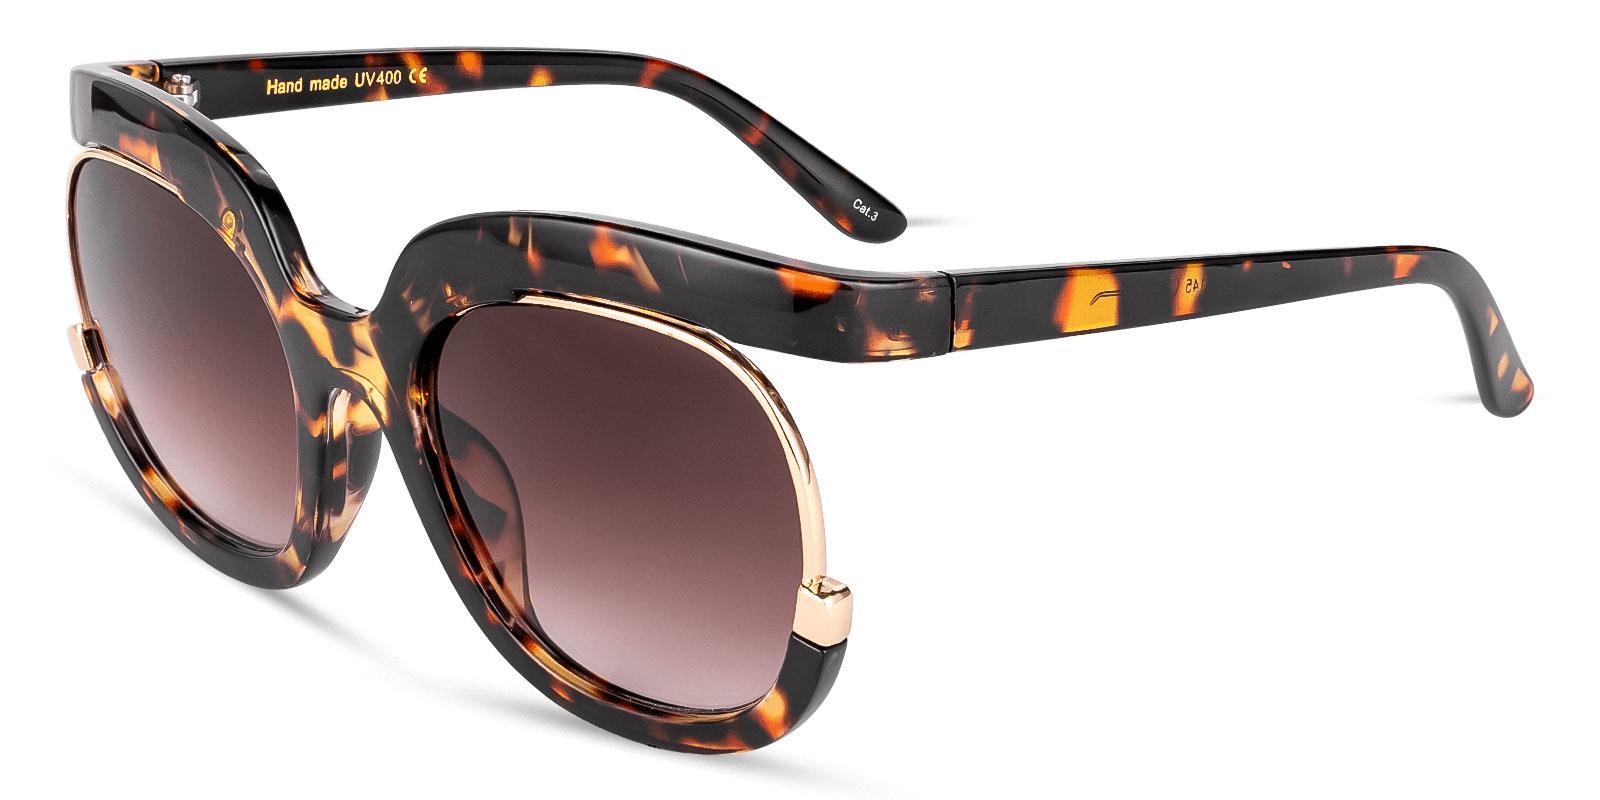 Samba Tortoise Plastic Fashion , Sunglasses Frames from ABBE Glasses